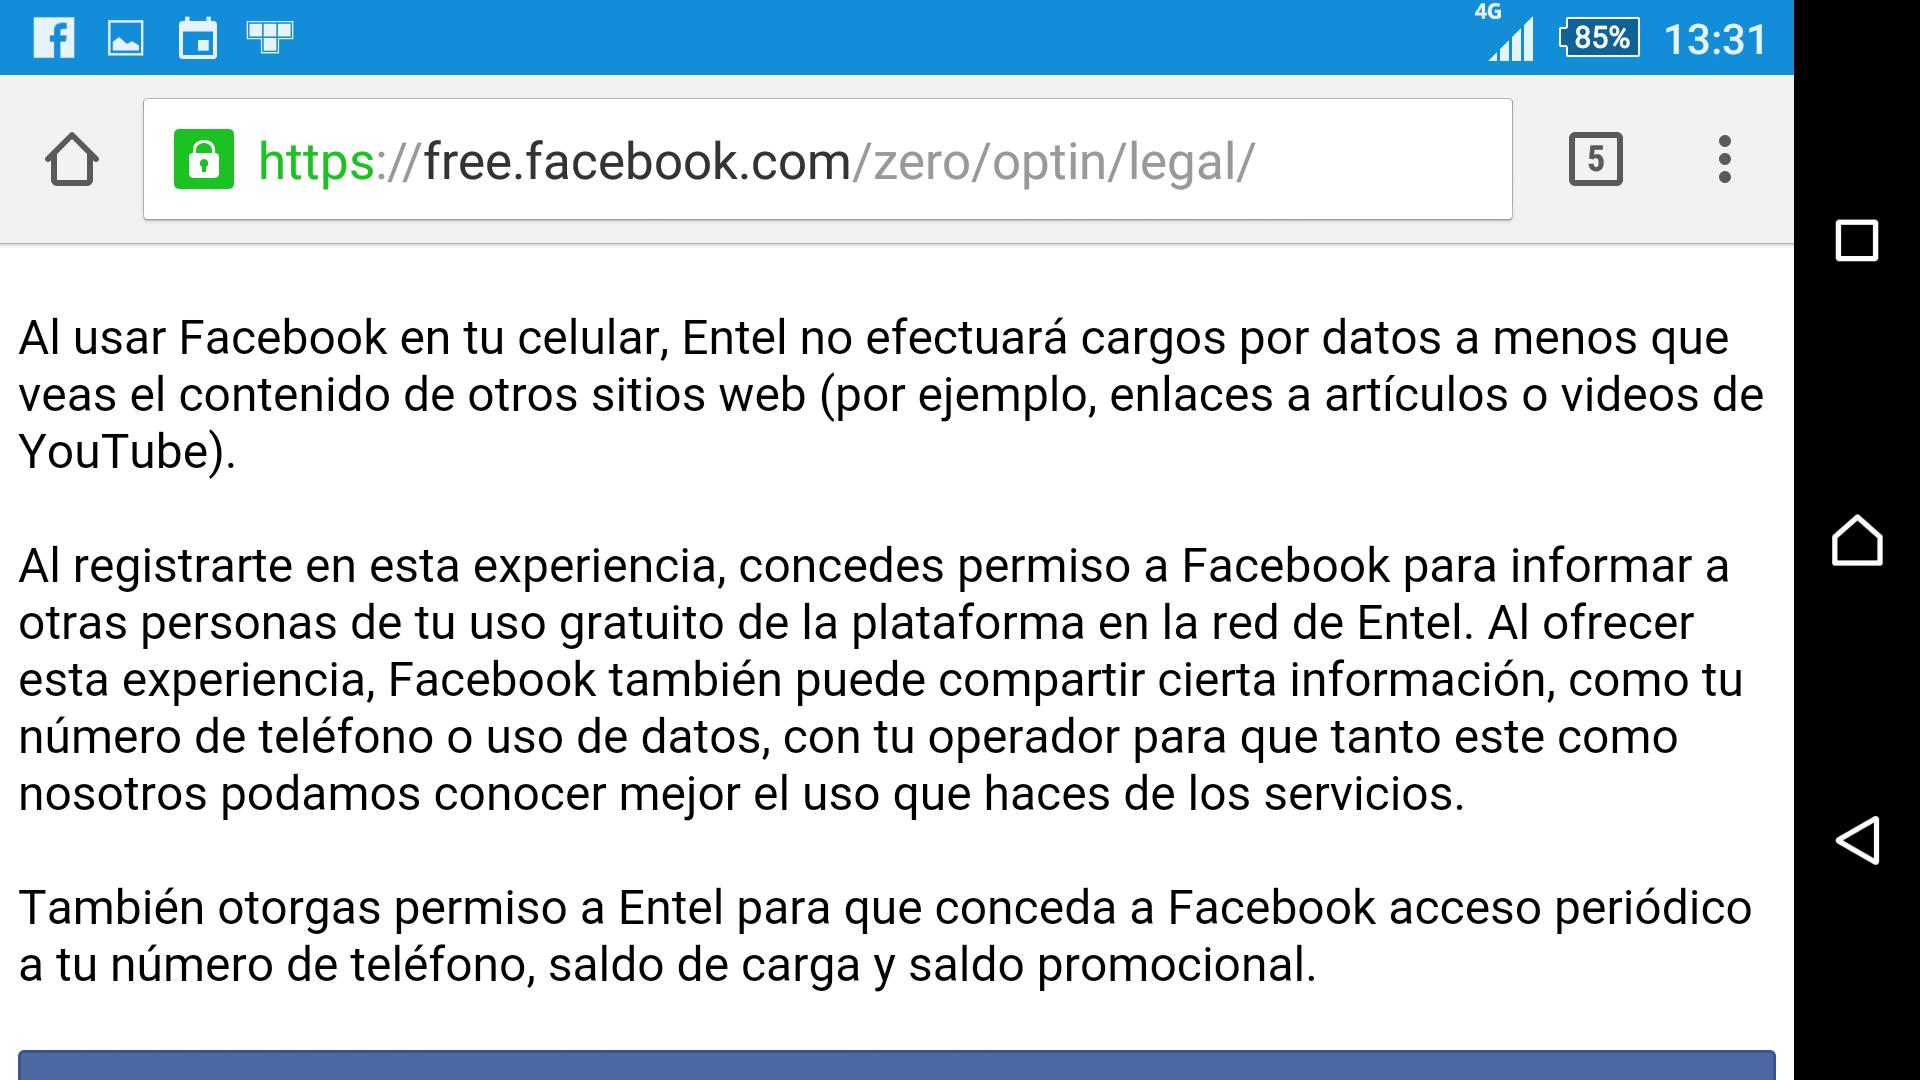 Condiciones de uso para Facebook gratuito con Entel